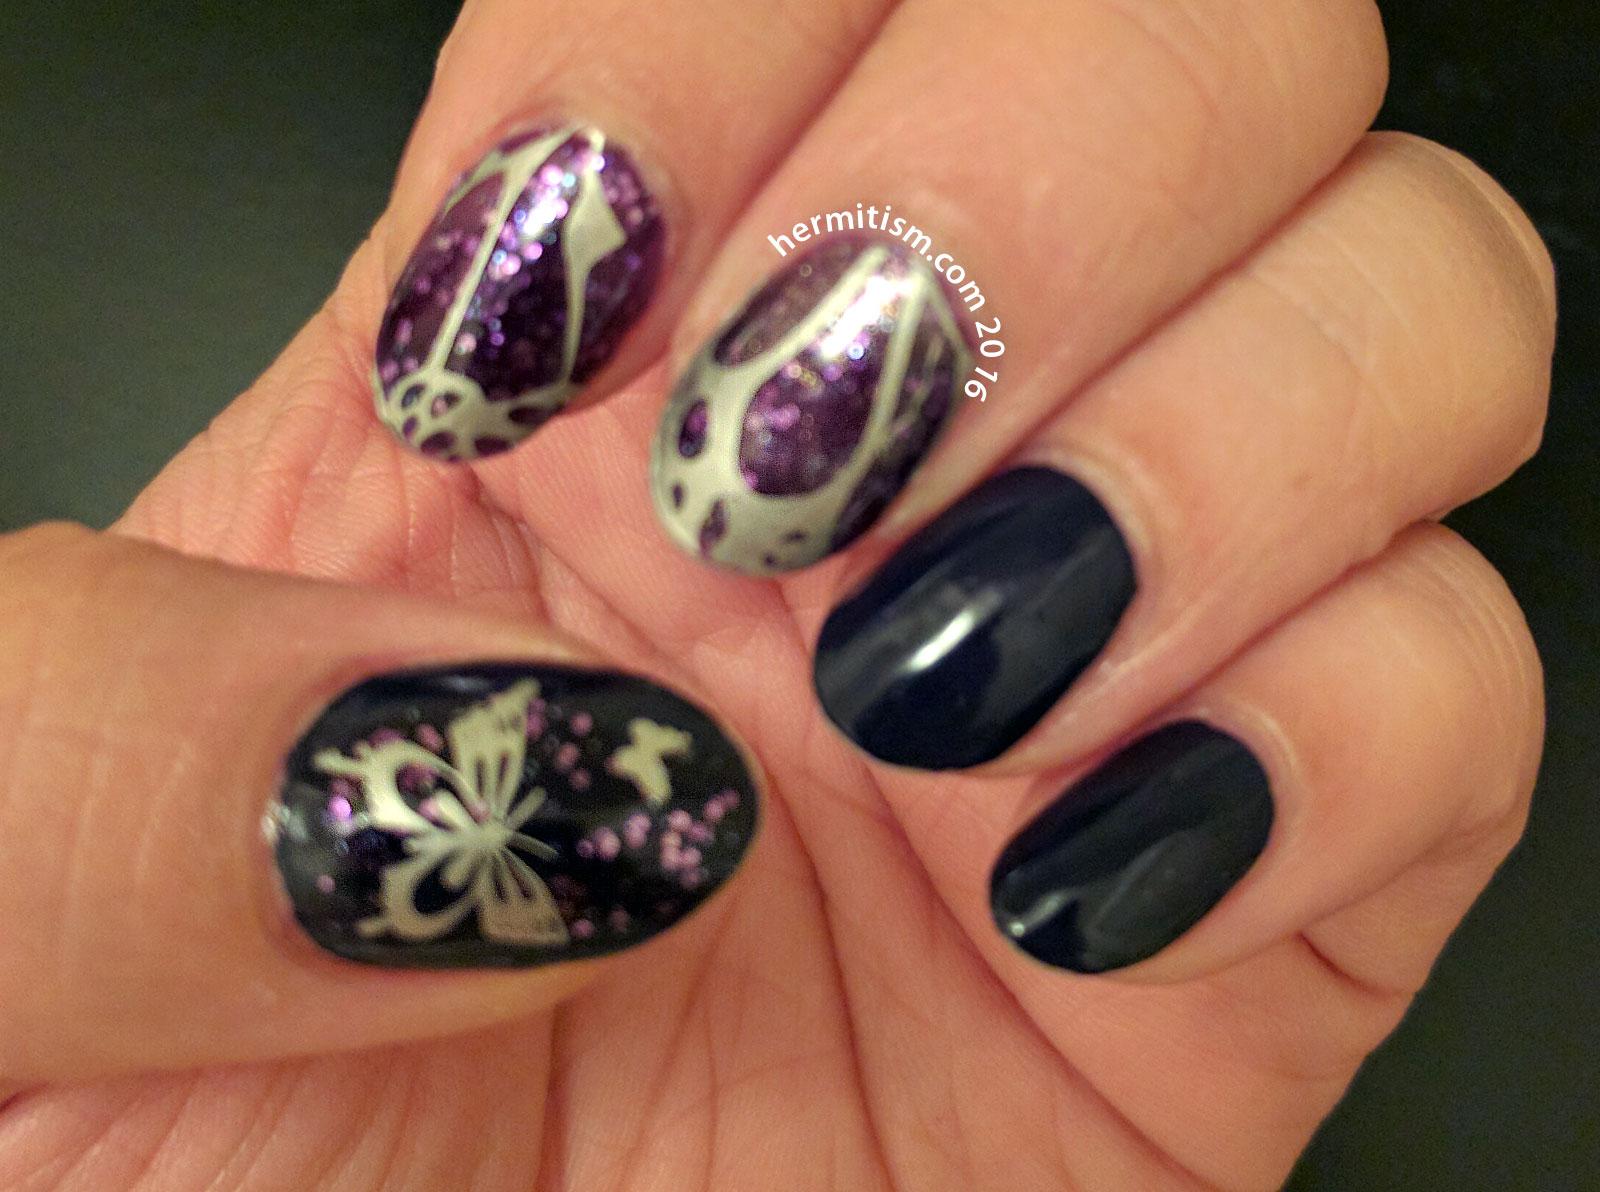 Violet - 31 Day Nail Art Challenge - Hermit Werds